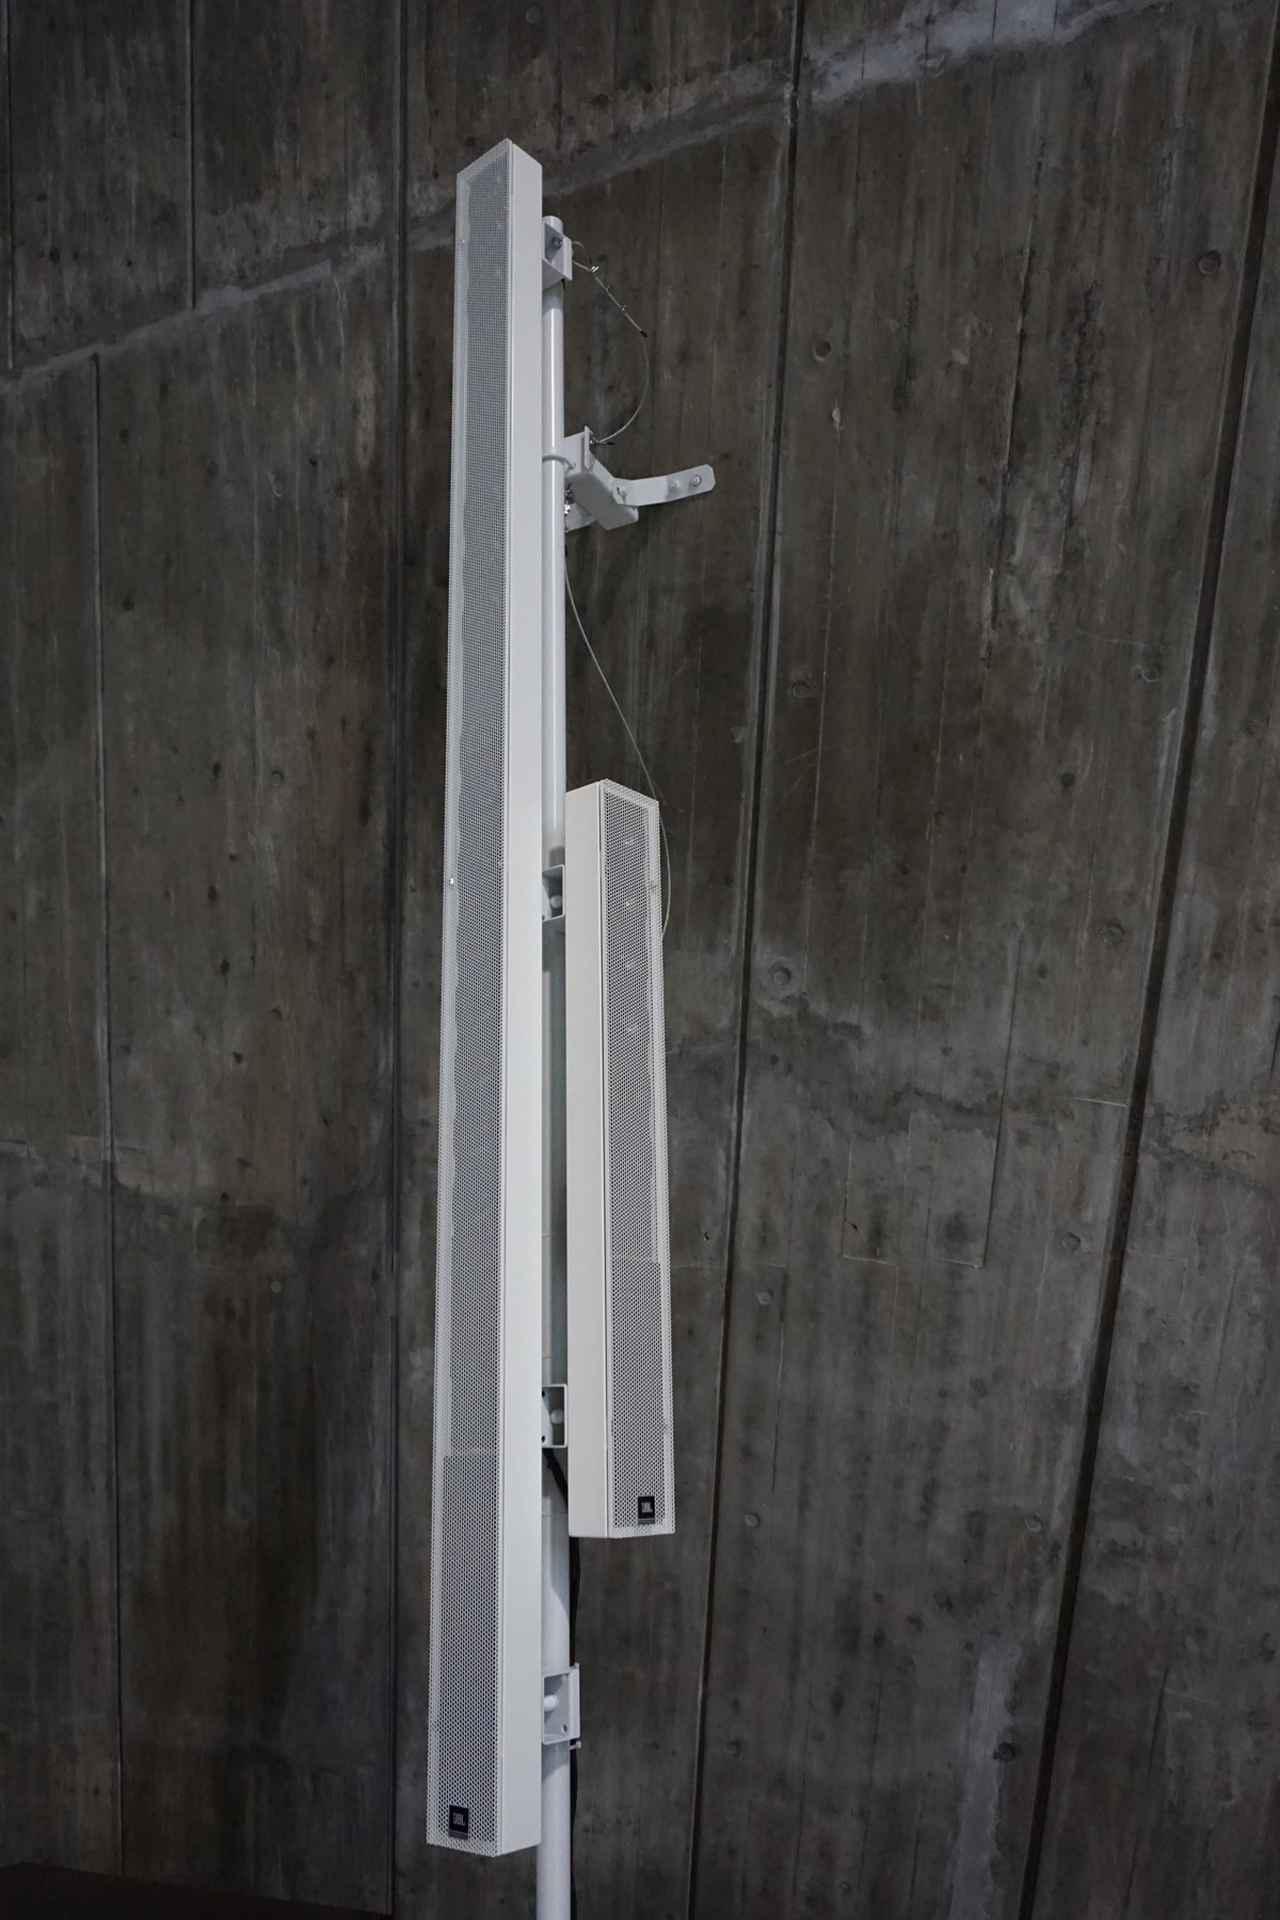 画像: メイン用の「Ivx-DSX280」とフィードバック用の「Ivx-DS115」が違う向きに同じスタンドに取り付けられている